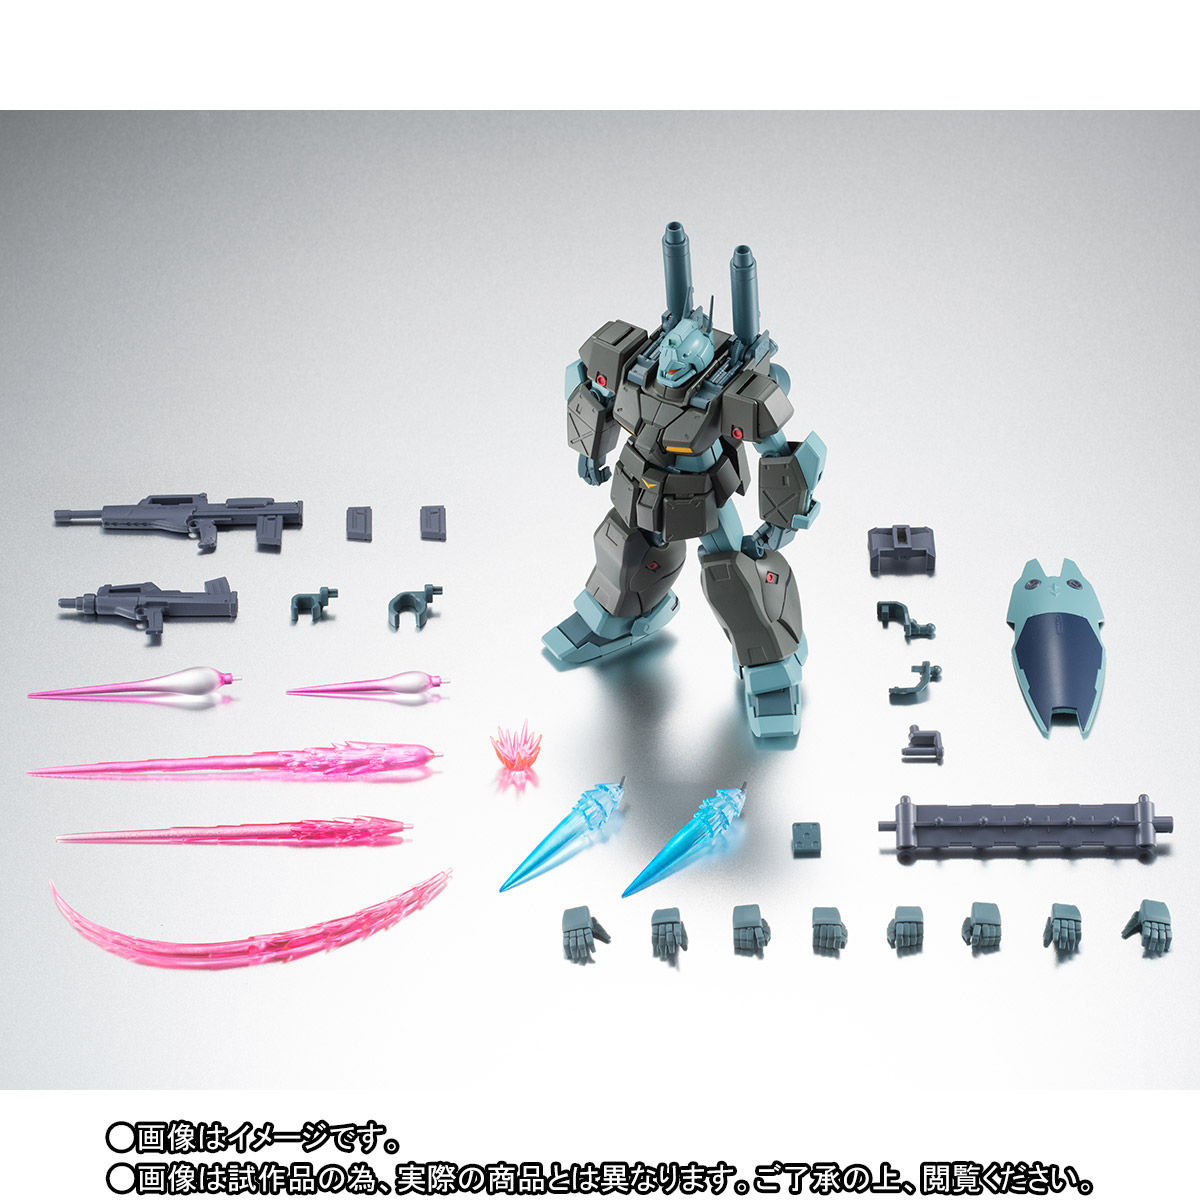 【限定販売】ROBOT魂〈SIDE MS〉『RGC-83 ジム・キャノンII ver. A.N.I.M.E.』ガンダム0083 可動フィギュア-010